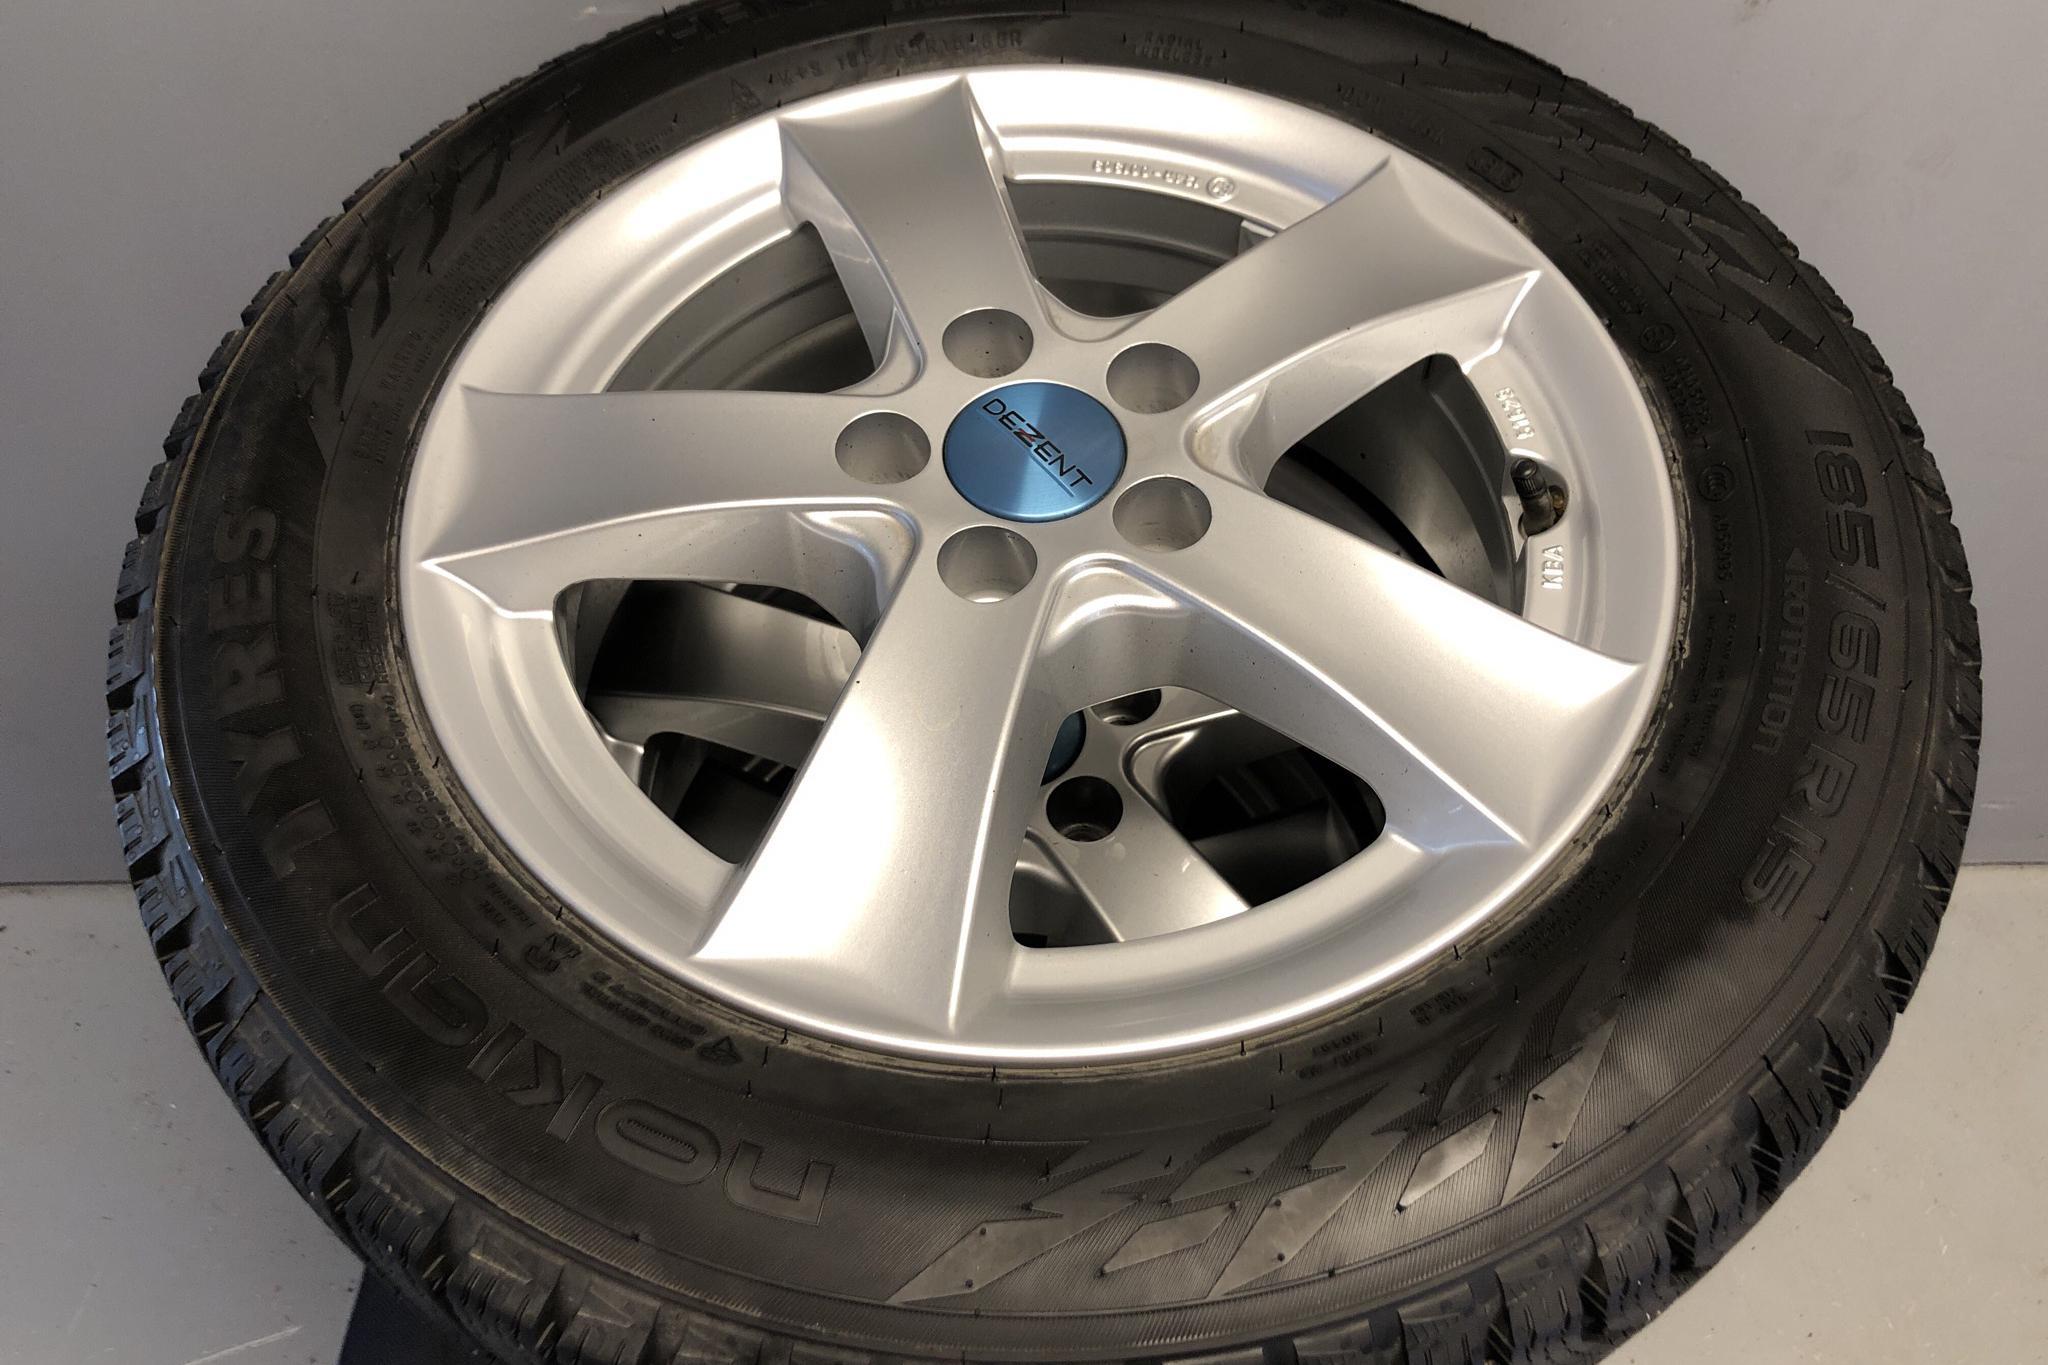 Seat Ibiza 1.0 MPI 5dr (80hk) - 3 556 mil - Manuell - röd - 2019